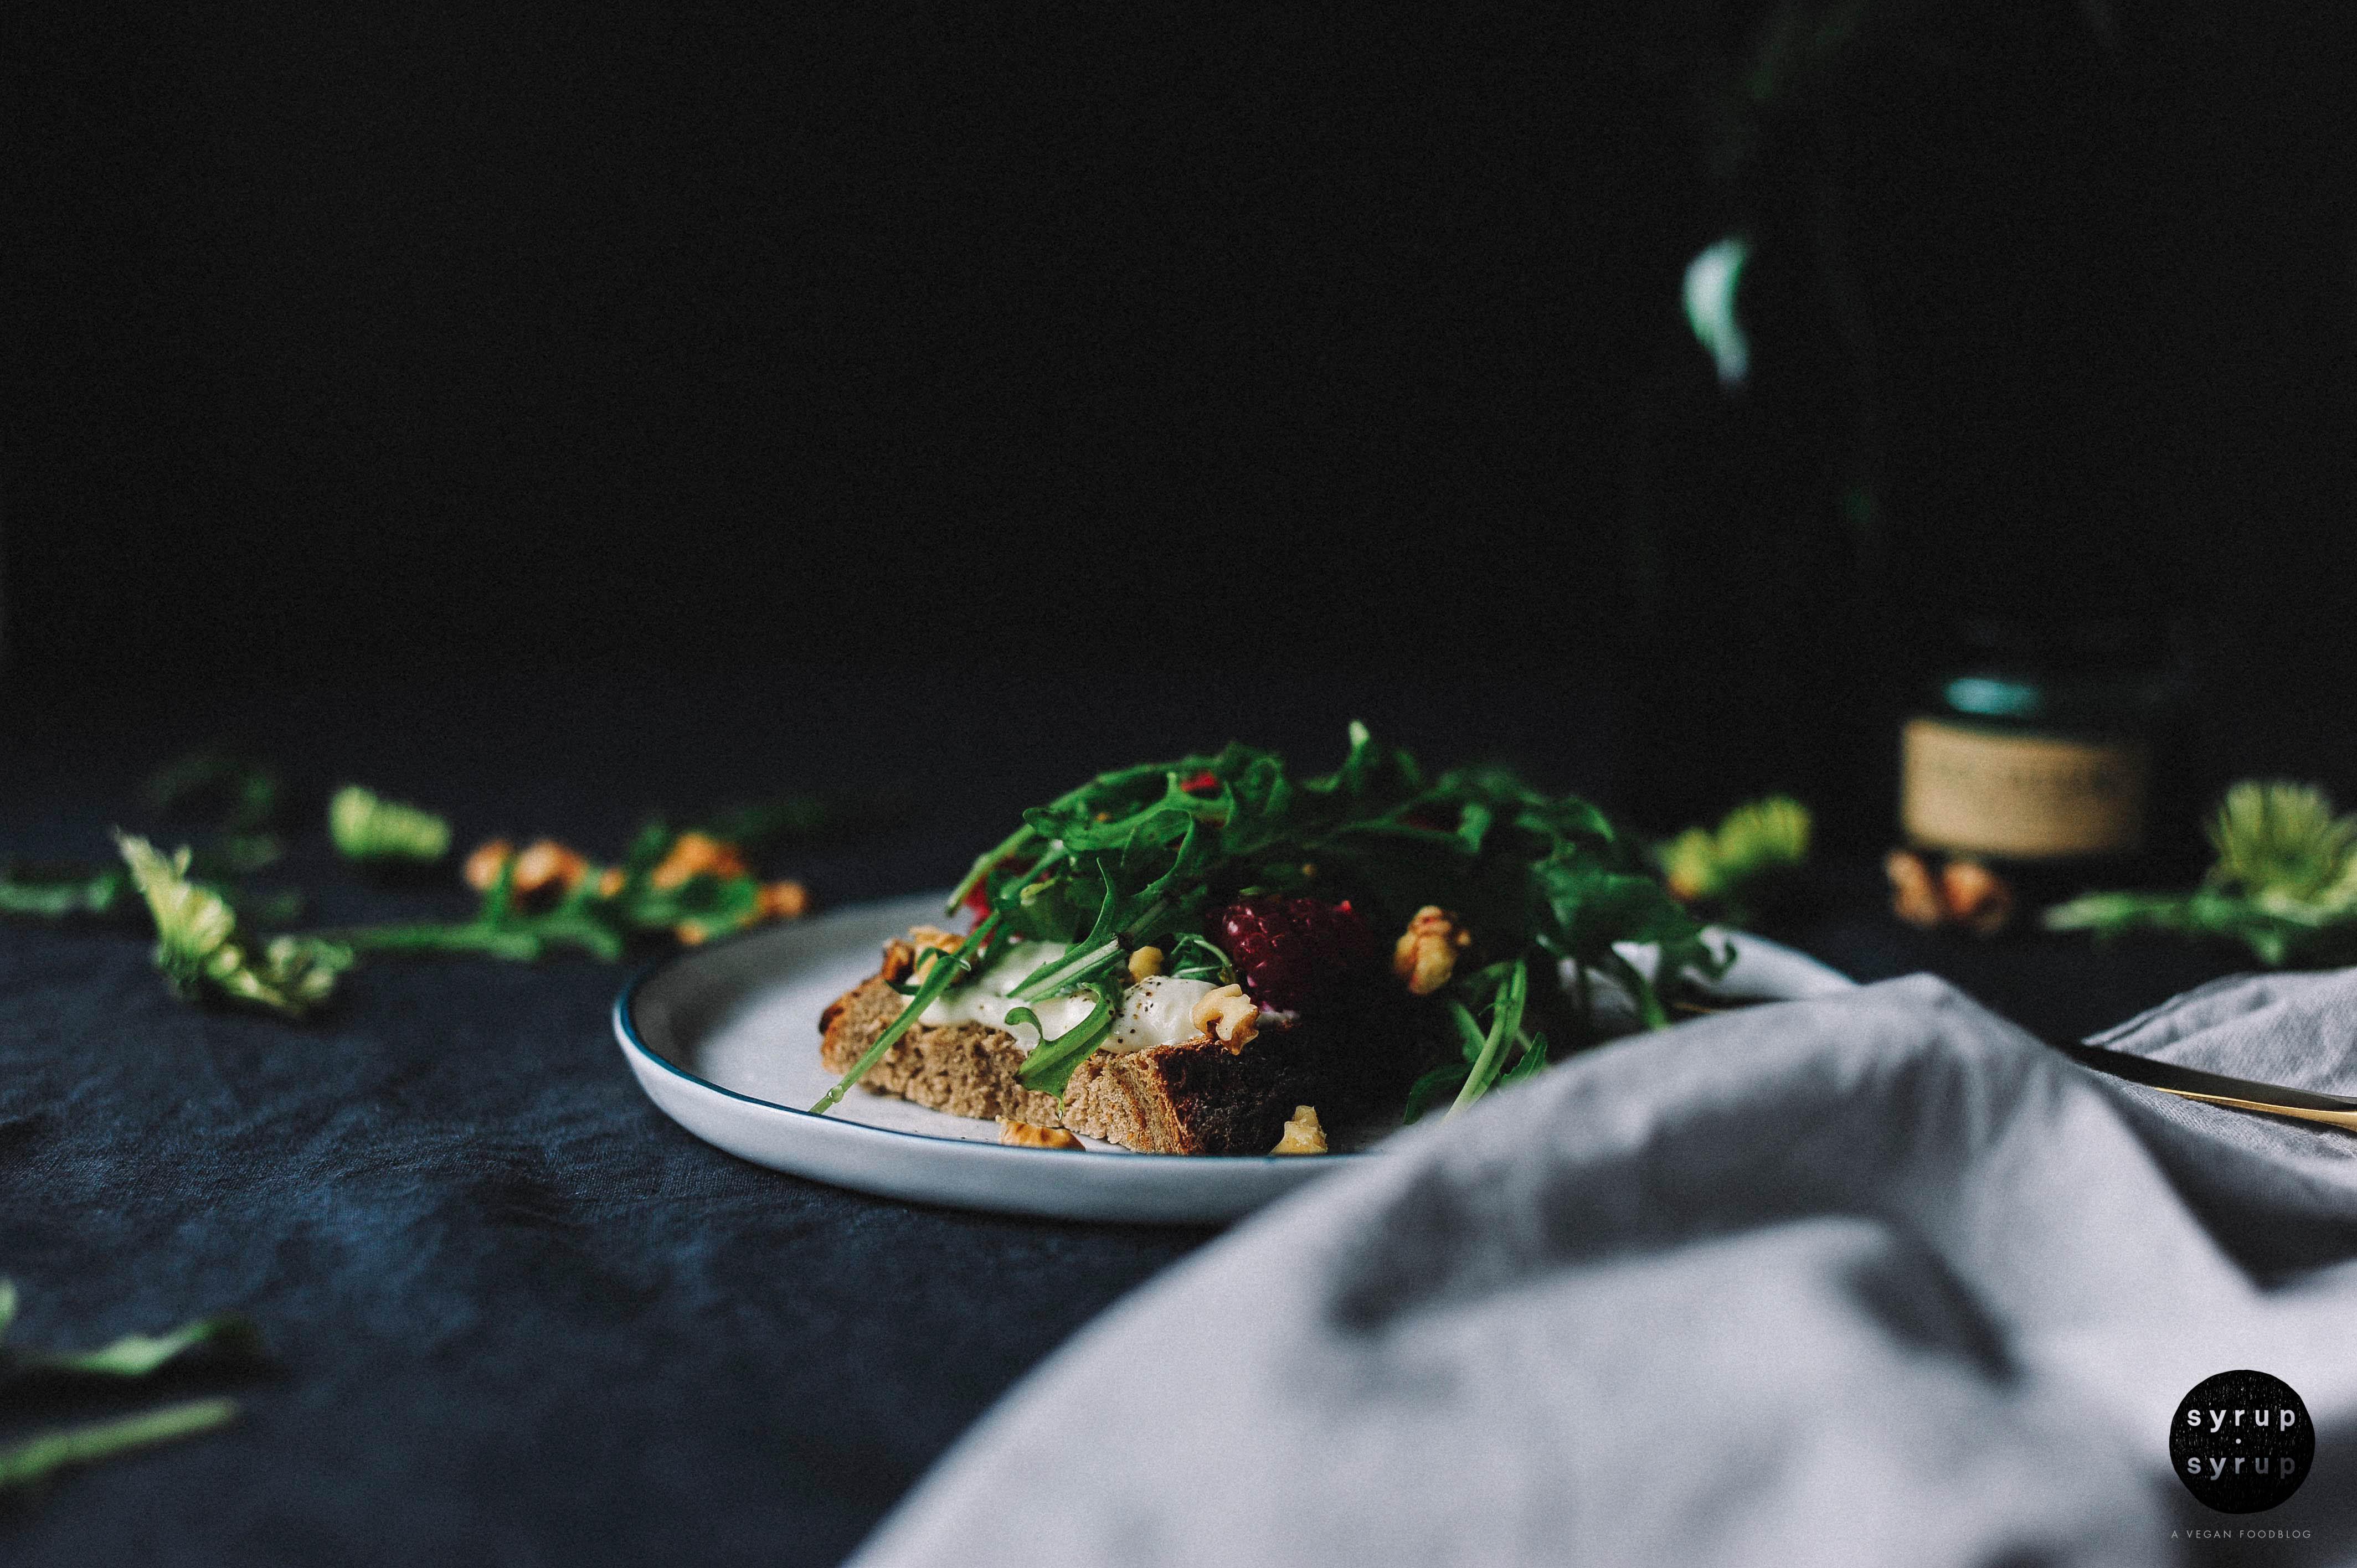 Tartine vegan 02a - Tartine mit veganem Frischkäse, Himbeeren, Rucola und Walnüssen